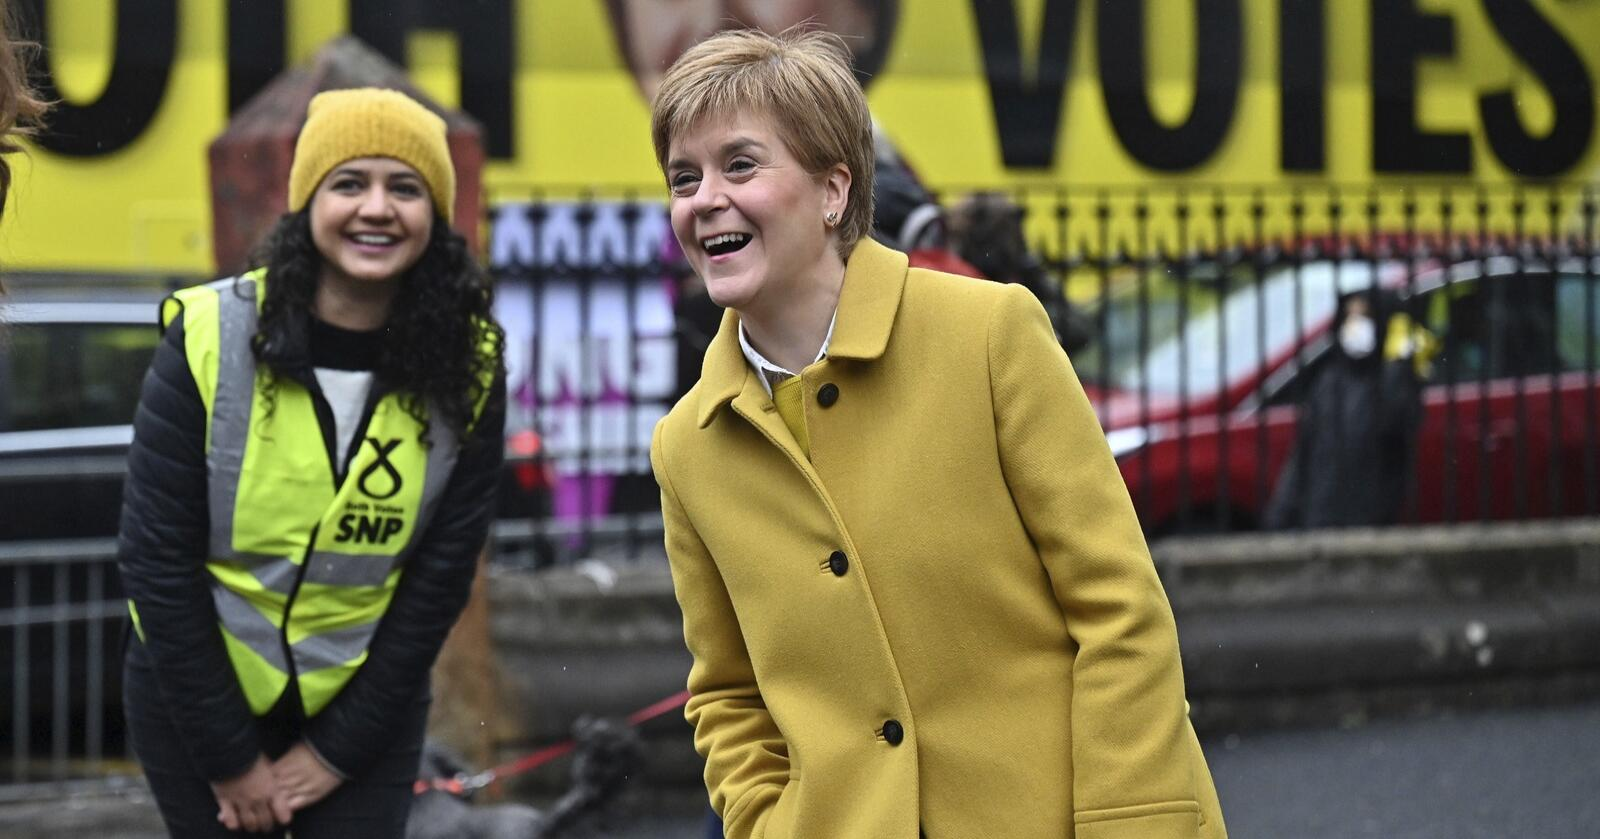 Skottlands førsteminister og leder for skottenes nasjonale parti SNP - Nicola Sturgeon sammen med velger i Glasgow håper på valgseier i det skotske parlamentsvalget.  (Jeff J Mitchell/PA via AP)